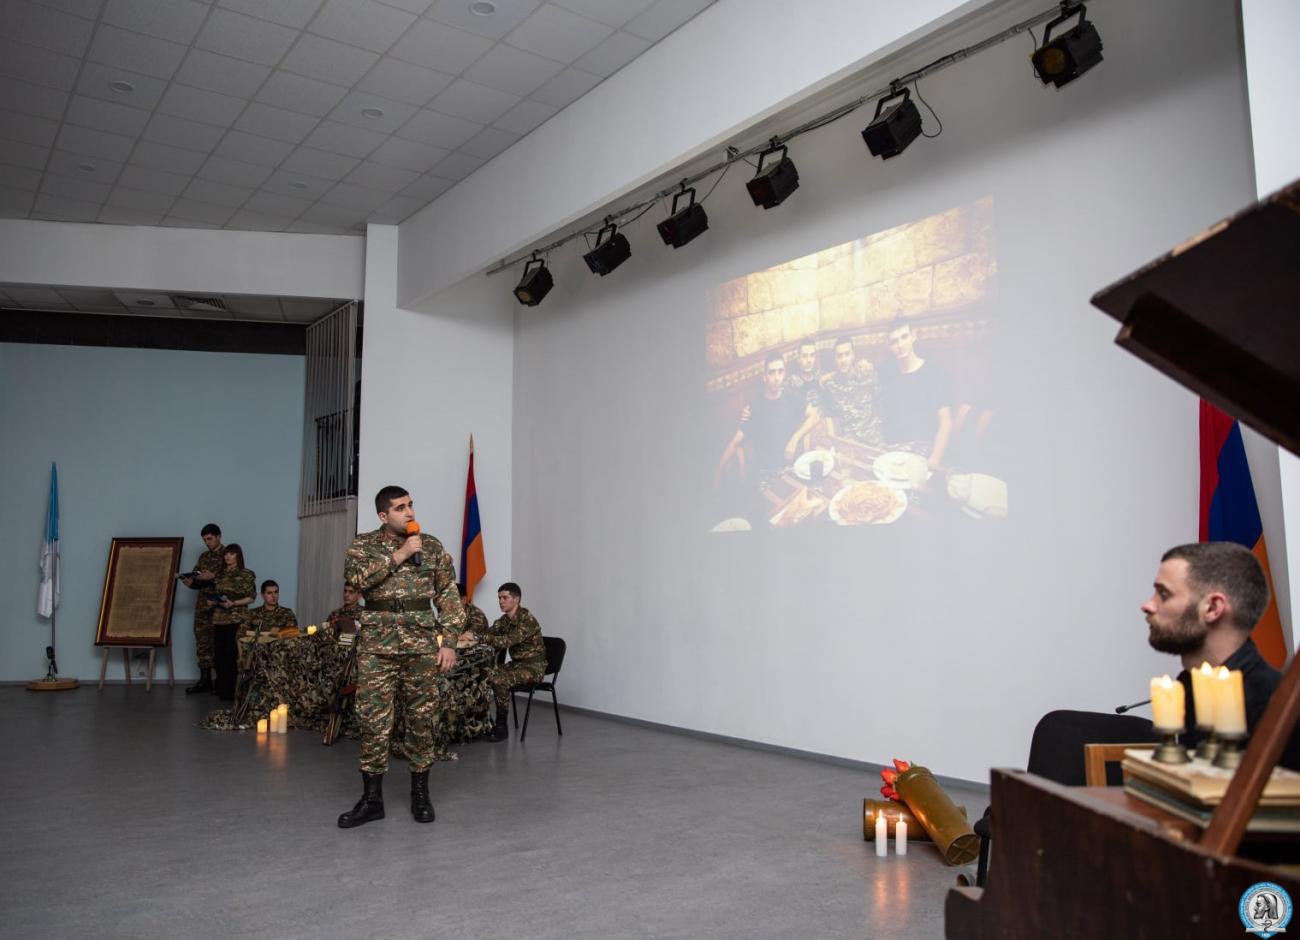 Հուշ-երեկո՝ նվիրված ԵՊԲՀ ռազմաբժշկական ֆակուլտետի անմահացած ուսանող Ազատ Զաքարյանին